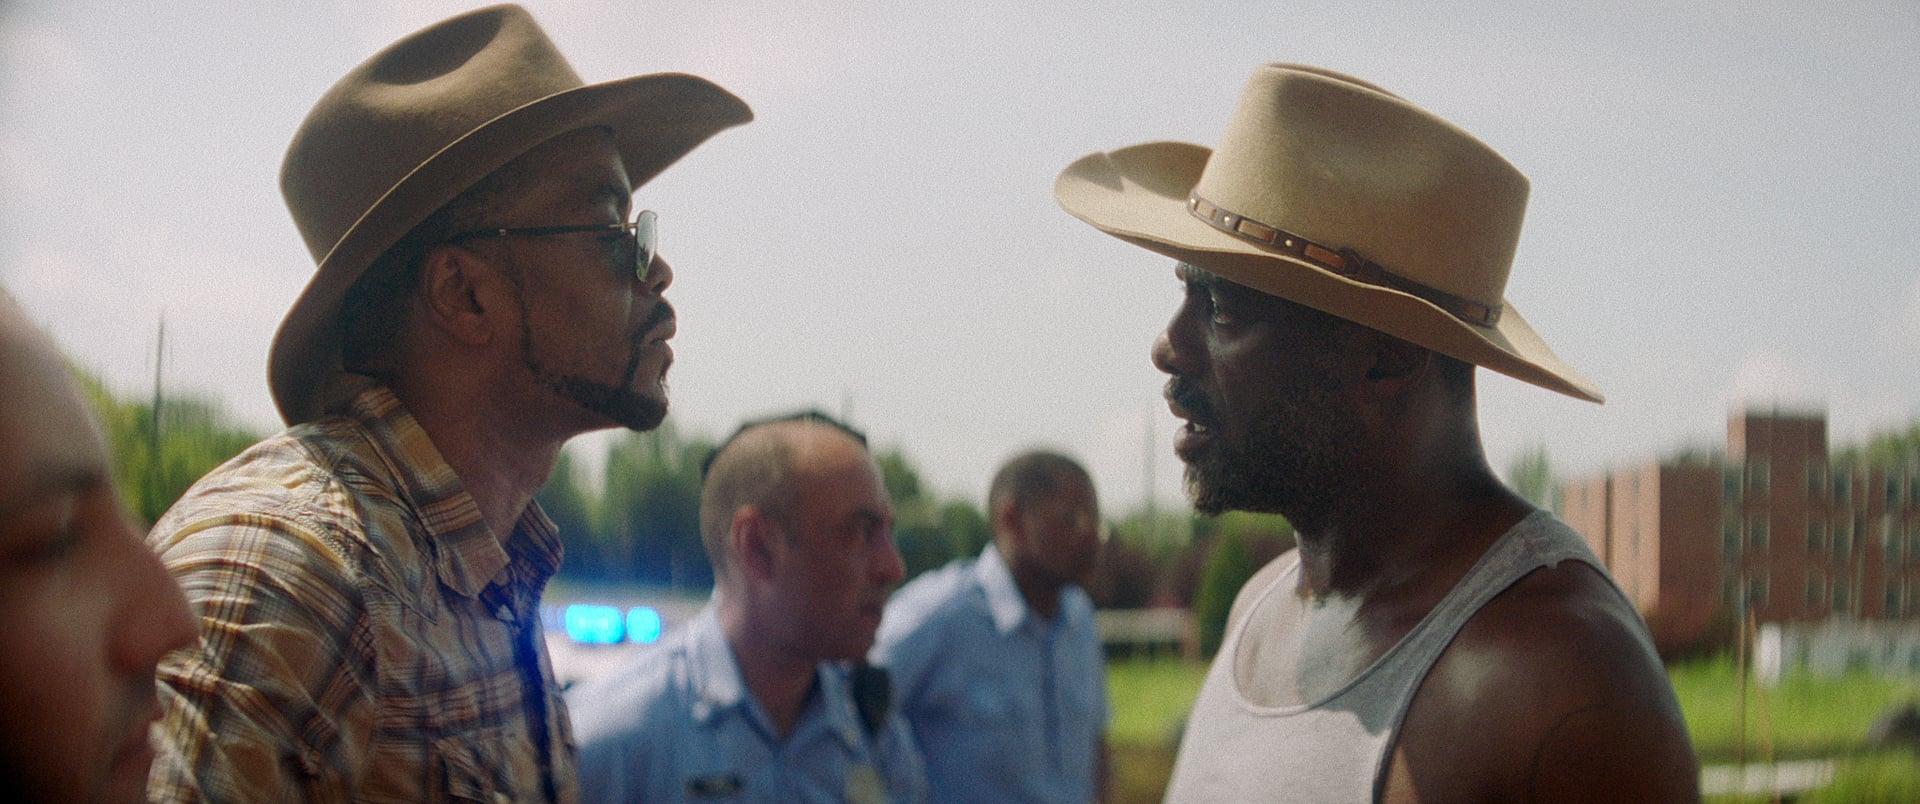 Watch the Trailer For Netflix's Concrete Cowboy Drama | POPSUGAR  Entertainment